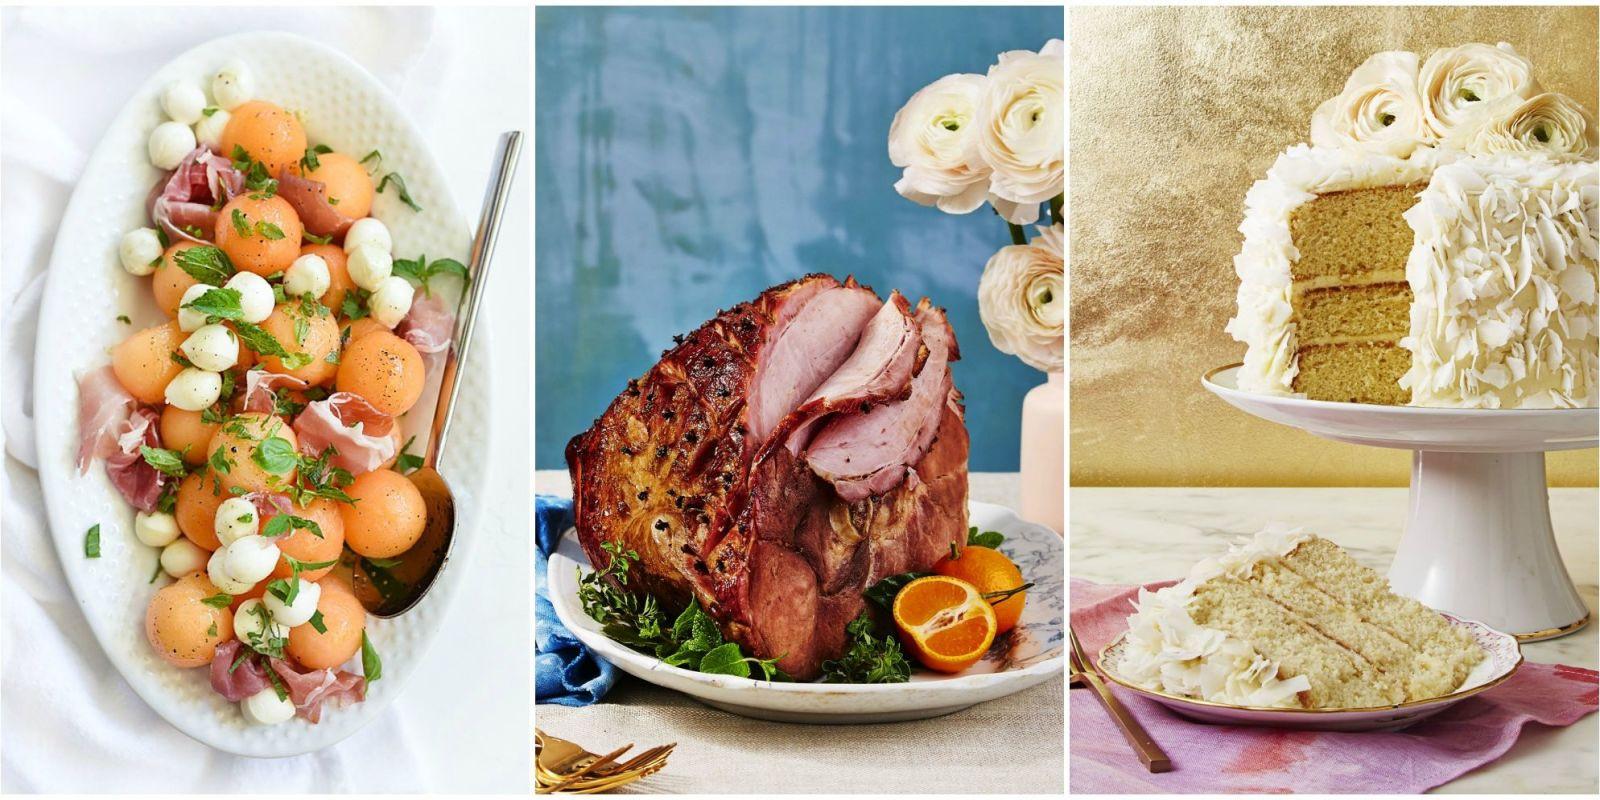 Easter Dinners Menu  55 Easter Dinner Menu Ideas Easy Recipes for Easter Dinner